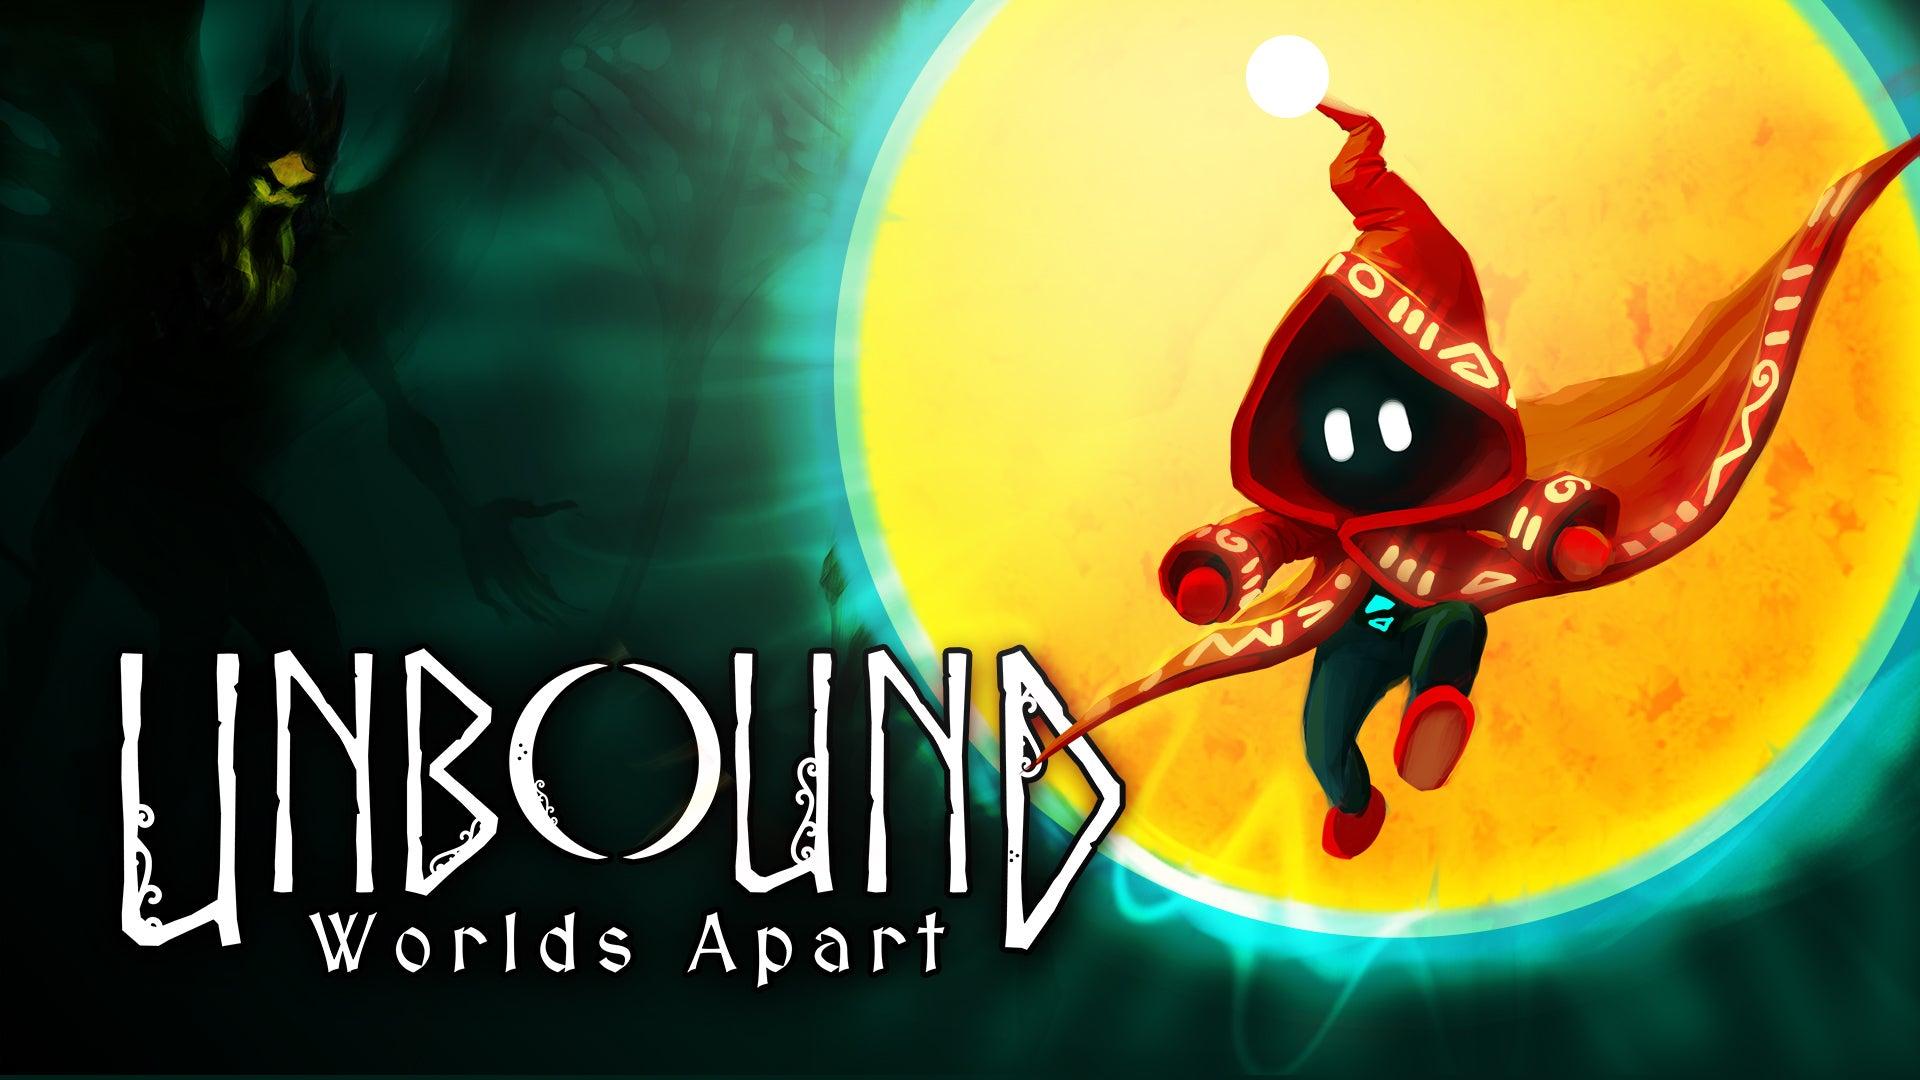 Unbound:Worlds Apart